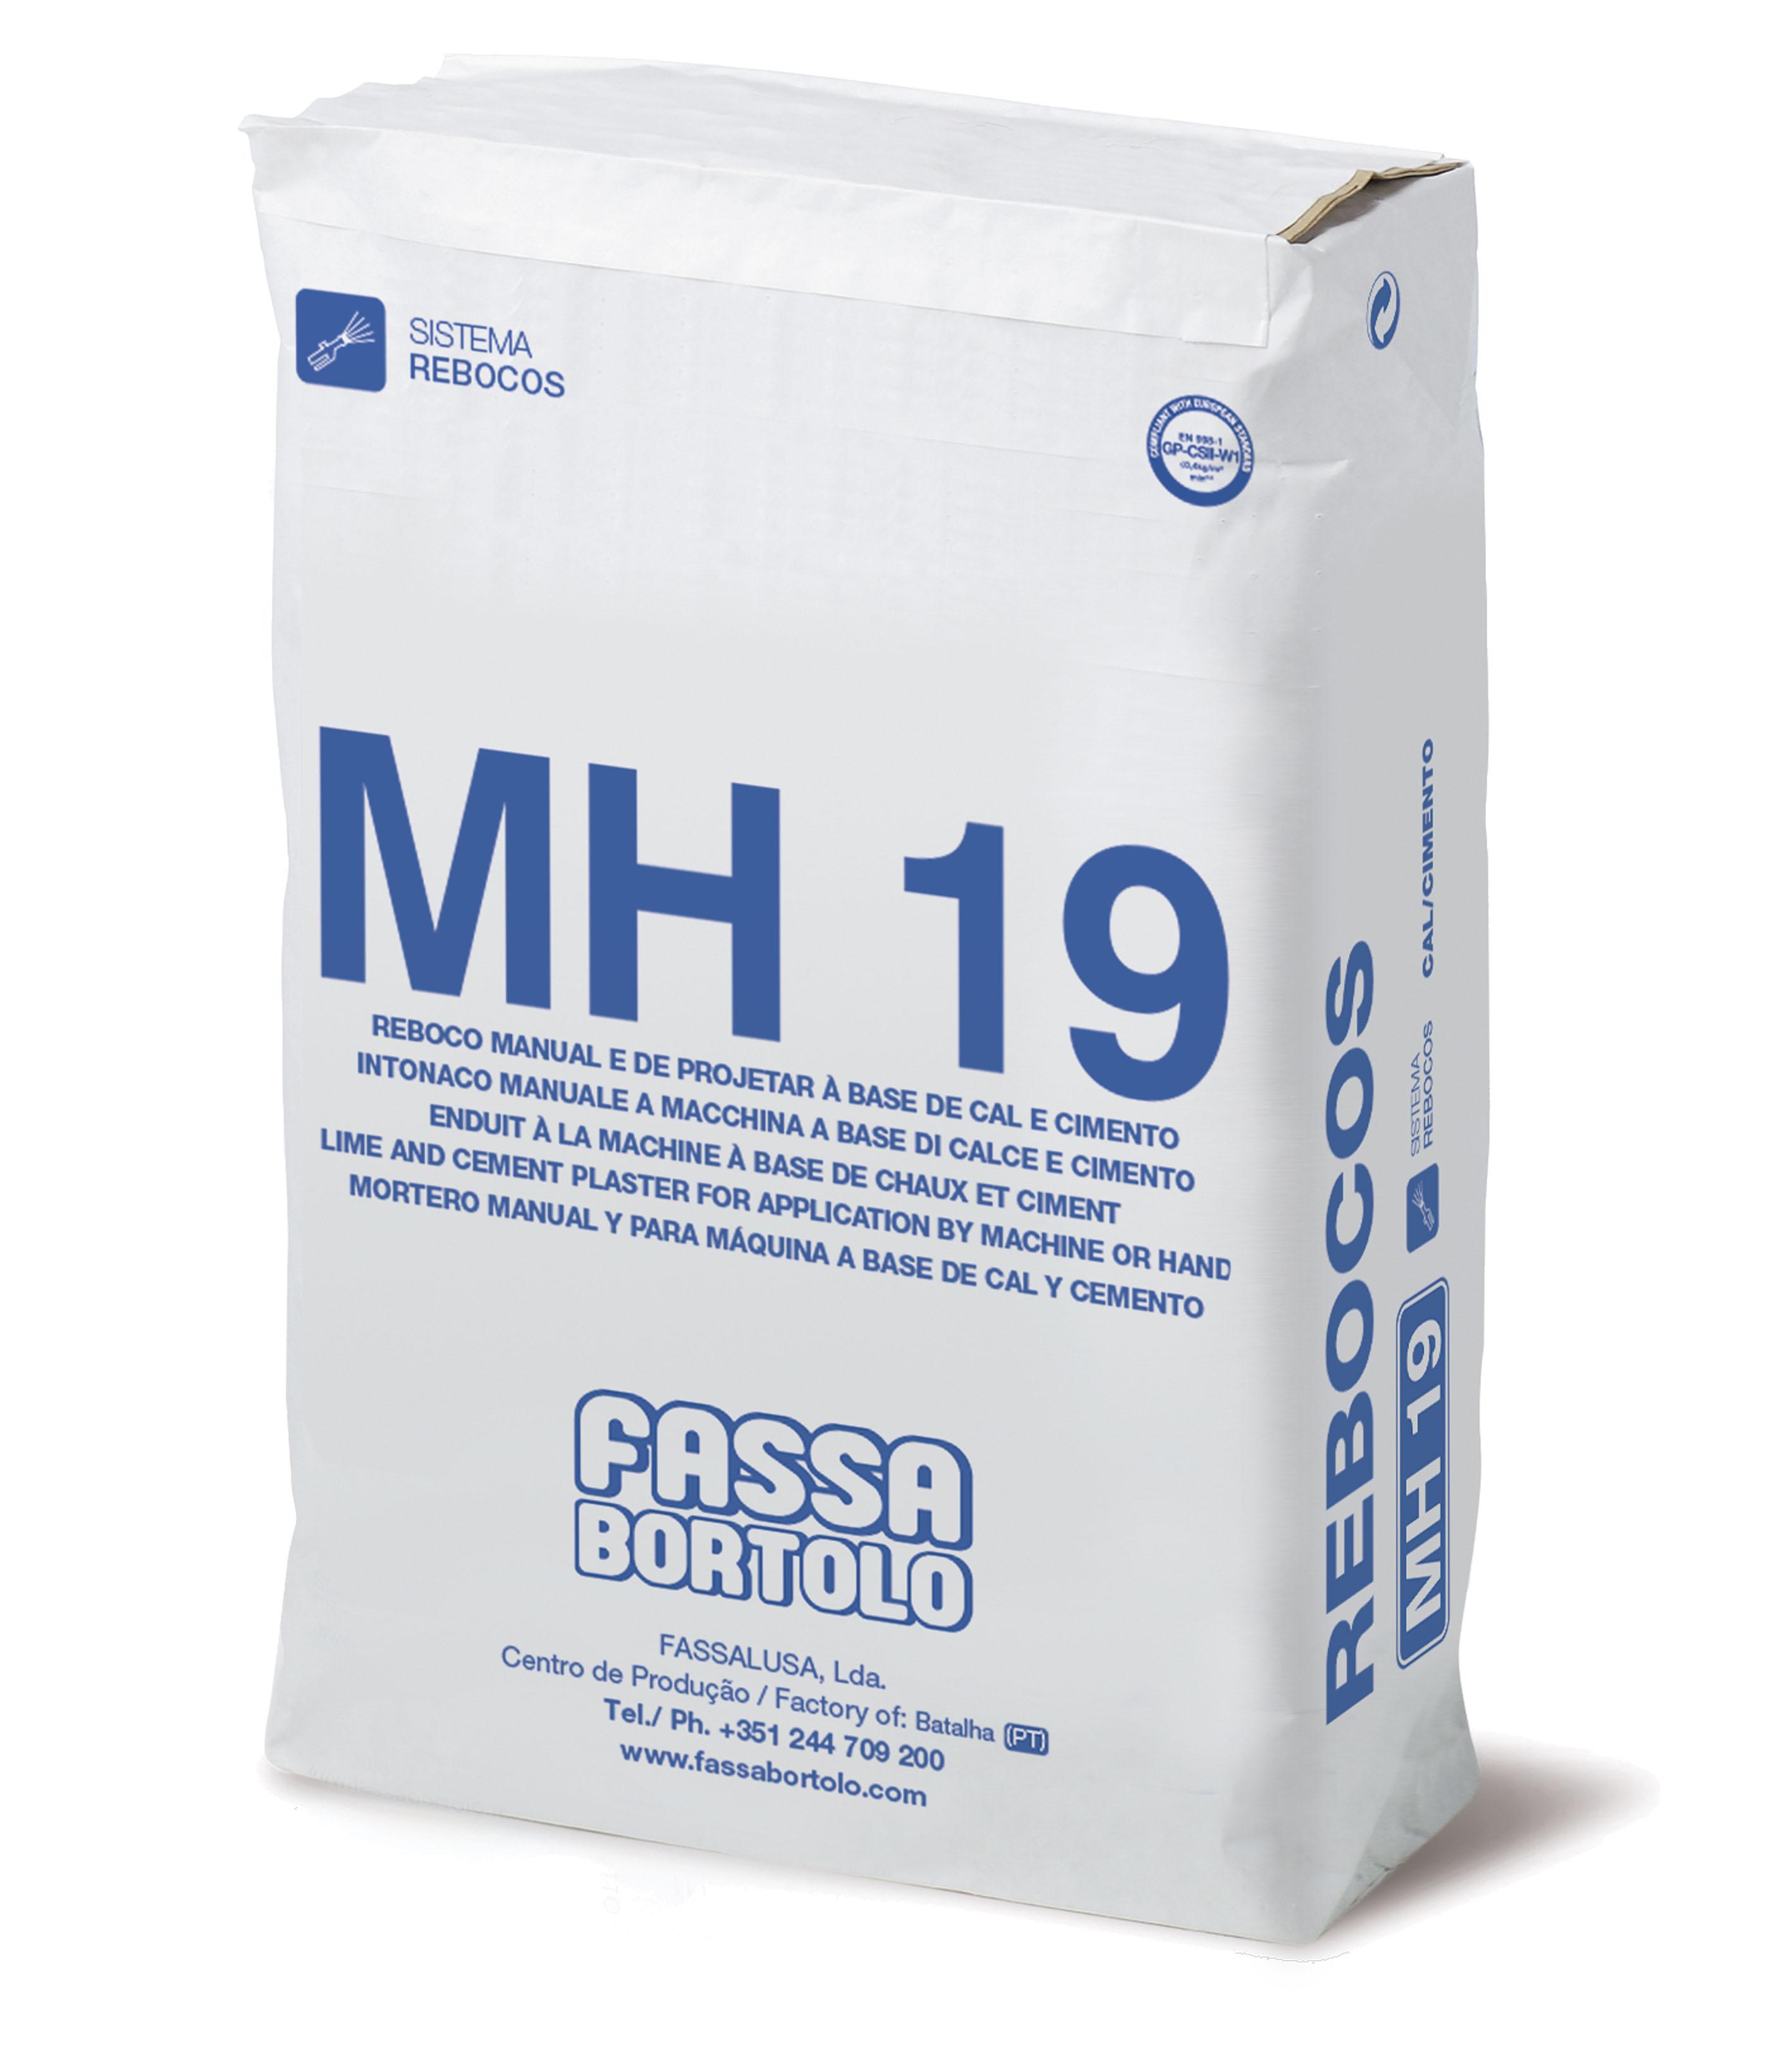 MH 19: Reboco hidrofugado para arear, à base de cal e cimento para exteriores e interiores à mão ou à máquina